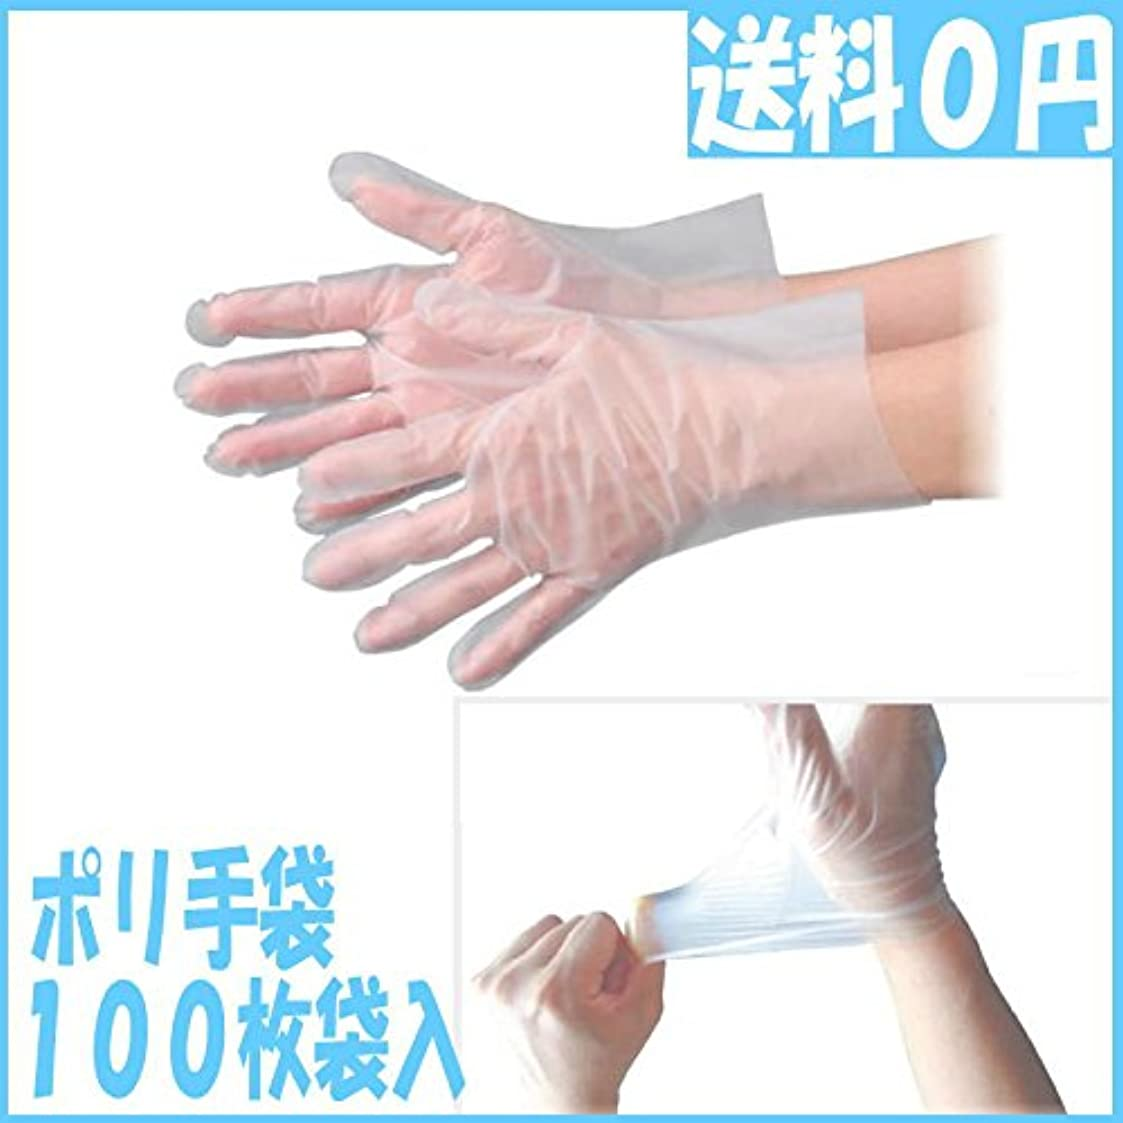 救出パニック告発使い捨てポリエチレン手袋 100枚袋入り シルキータッチ35【ポリ手袋】 (S)